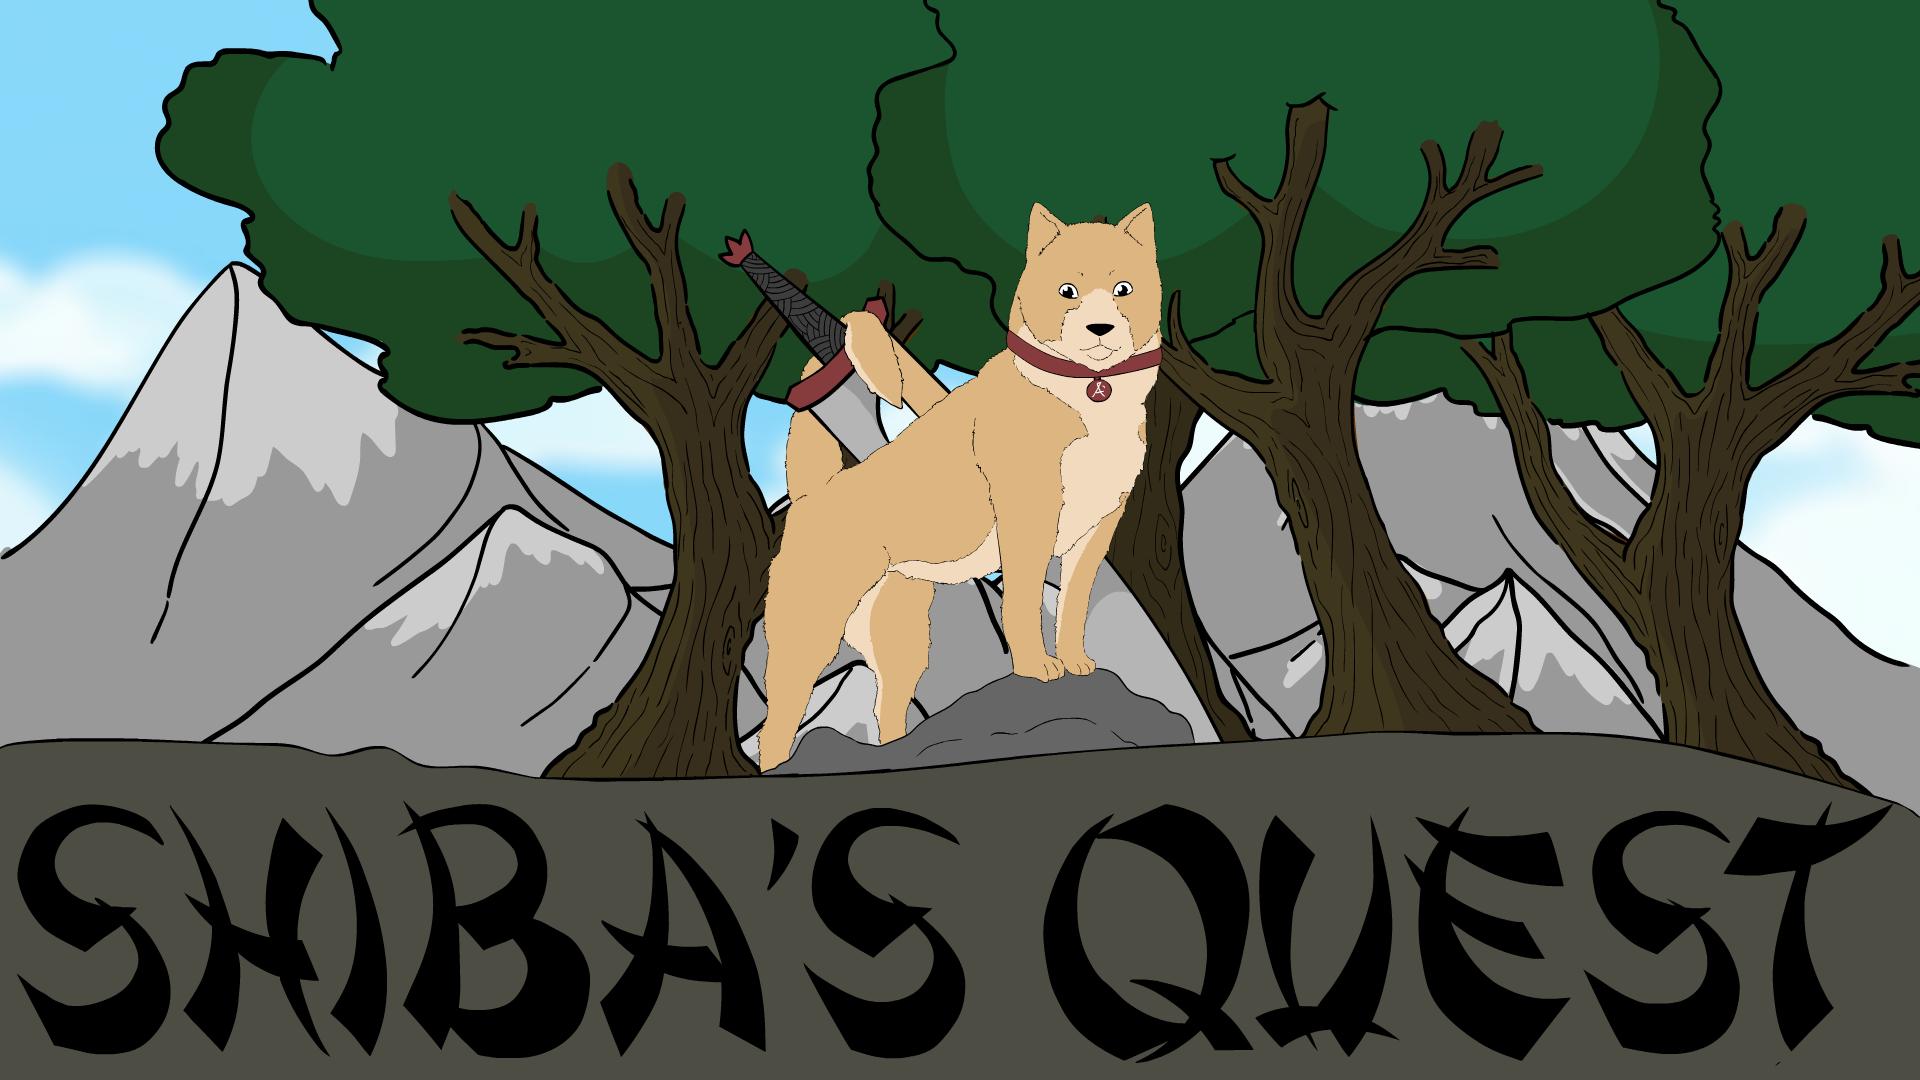 Shiba's Quest